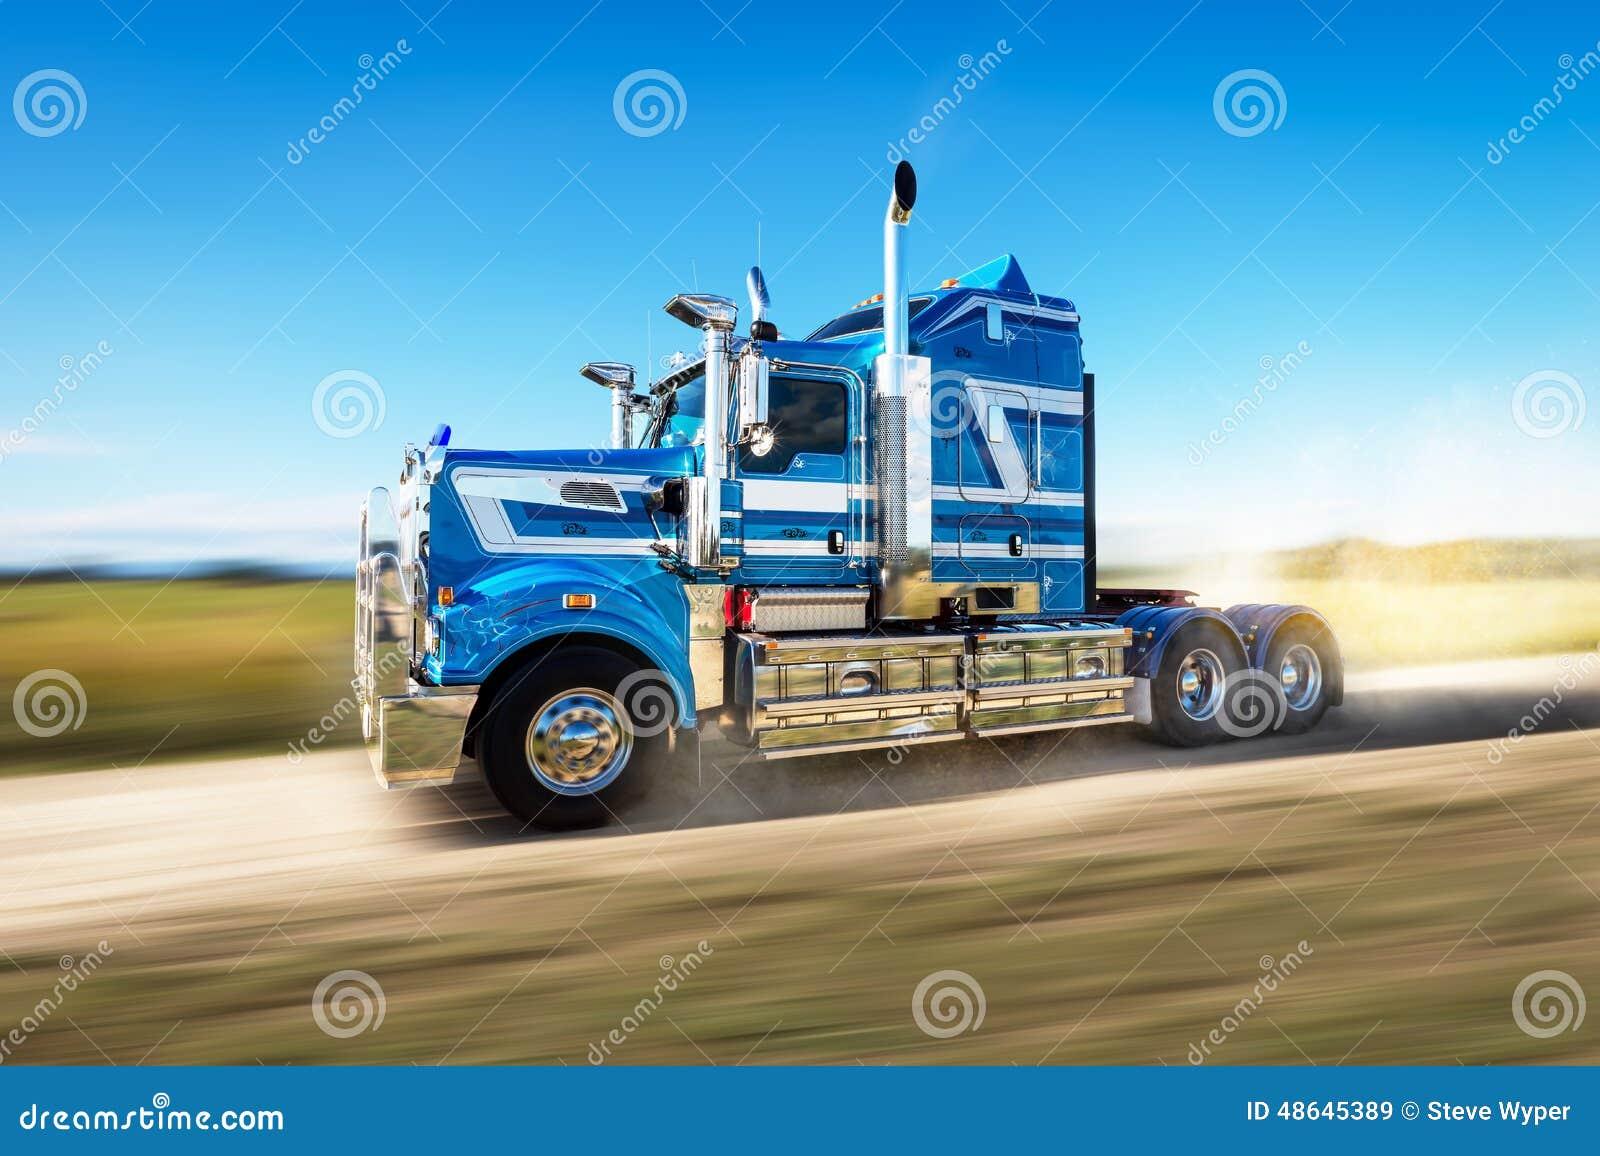 Vrachtwagen op de weg met snelheidsonduidelijk beeld